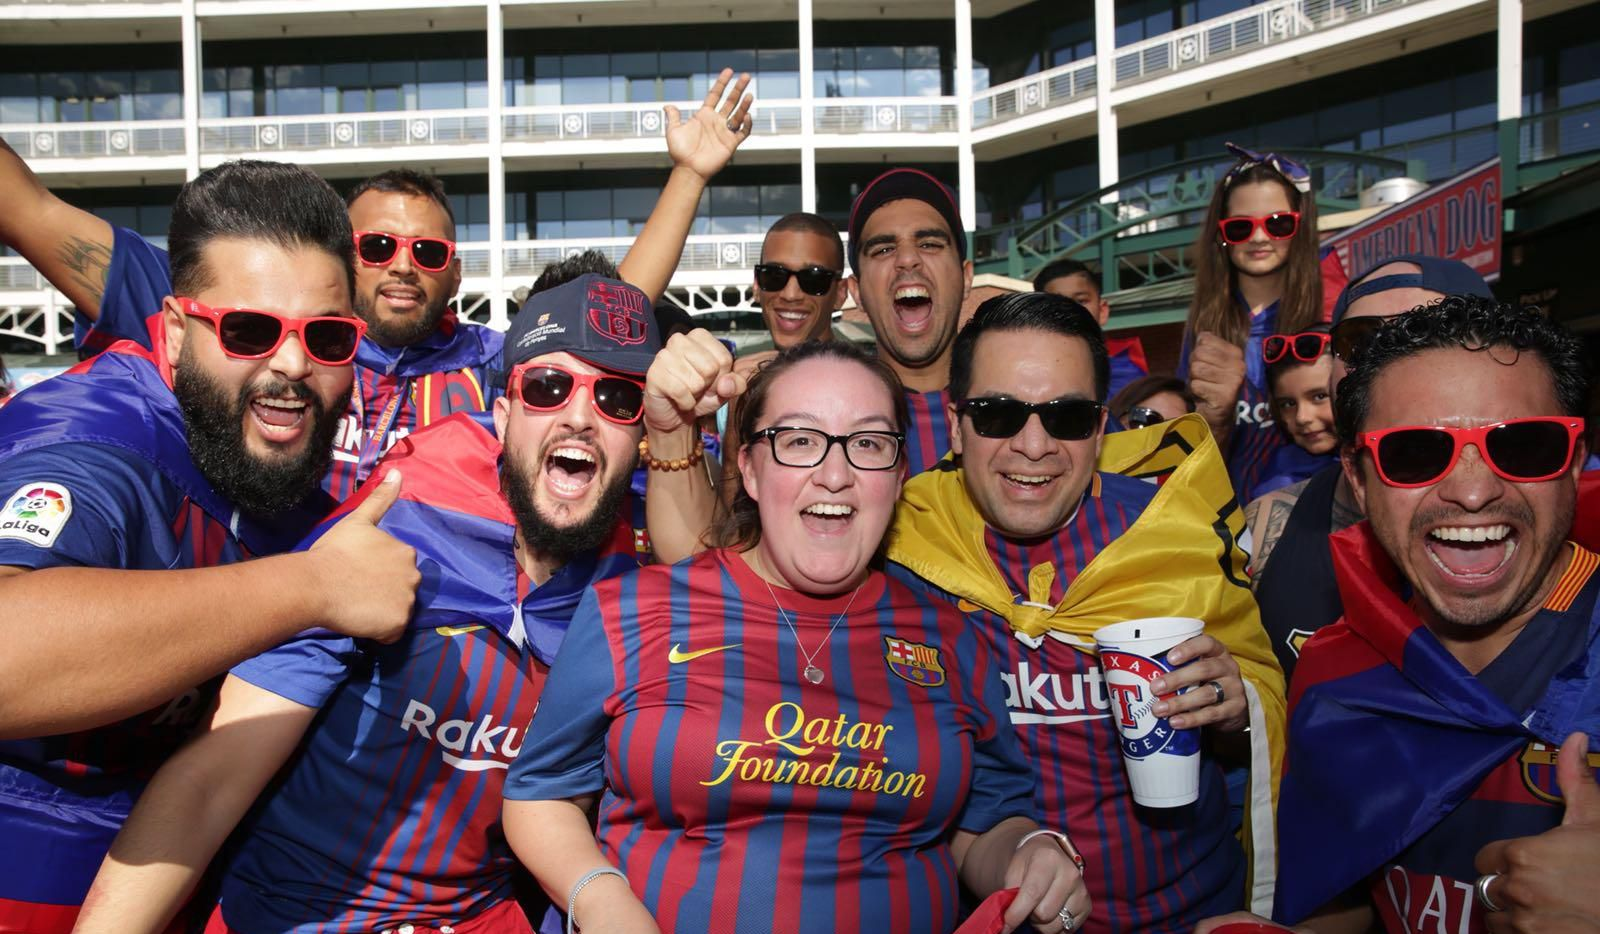 Aficionados al Barcelona se reunieron el martes en el parque de pelota de los Texas Rangers, horas antes del partido contra la Roma en el AT&T Stadium.(OMAR VEGA/ESPECIAL PARA AL DÍA)